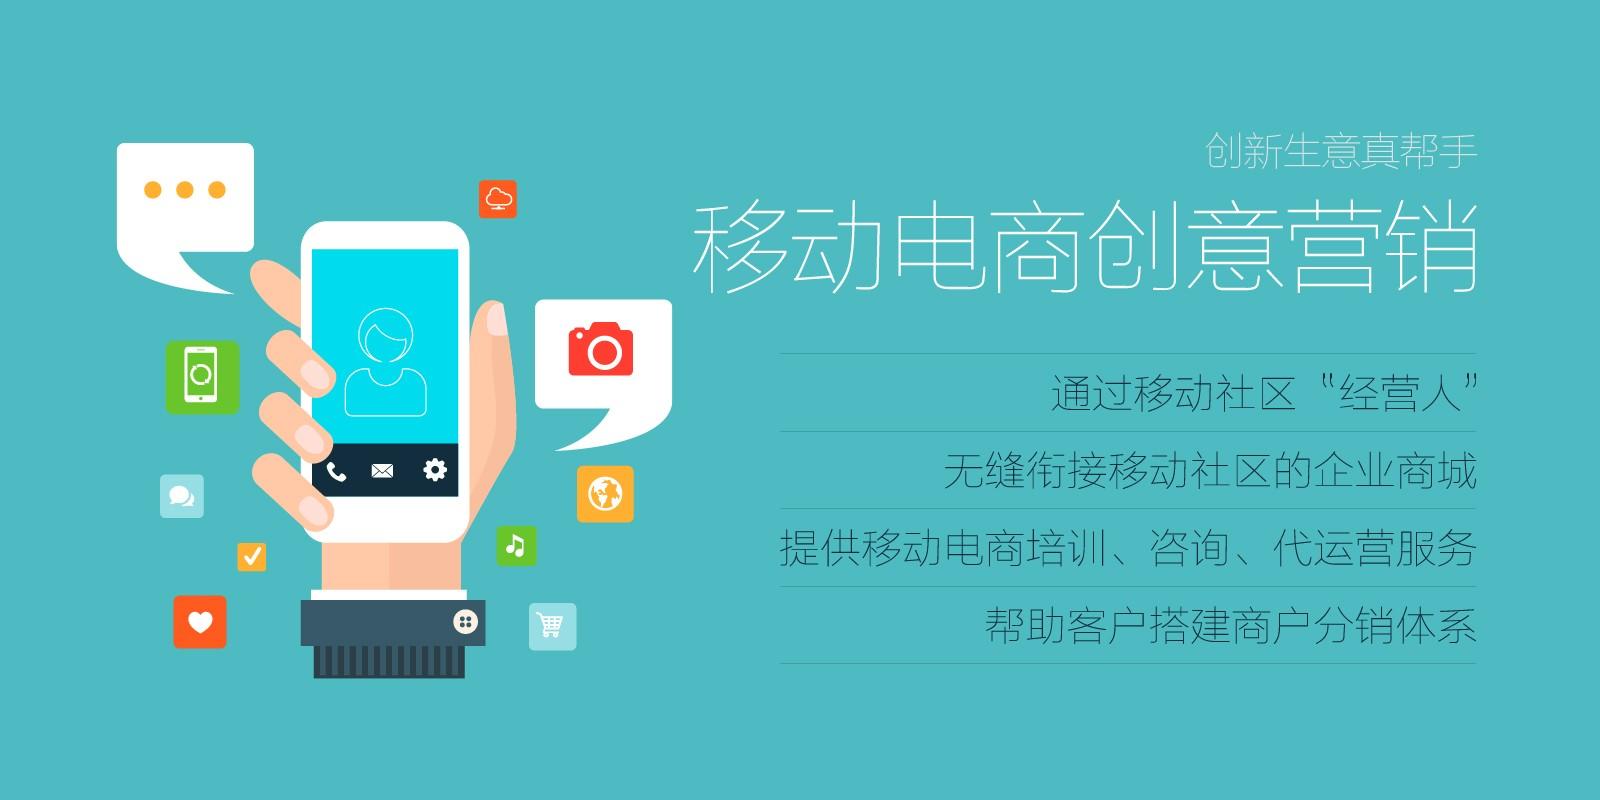 成都微信营销:移动电商创意营销首选胡卢巴创意。为客户提供微信公众号搭建、托管、运营、推广等微信全网营销业务。